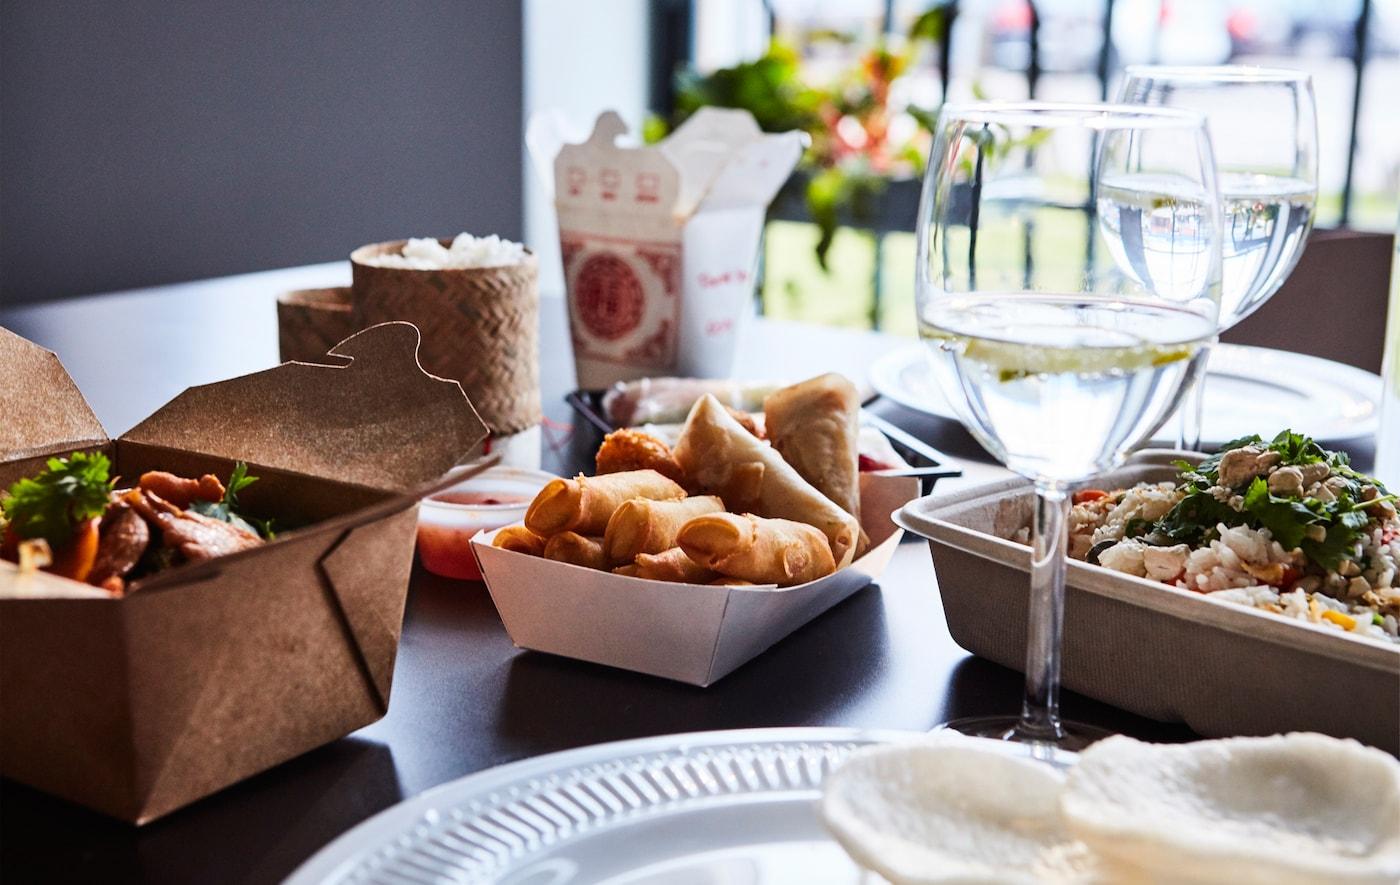 Table dressée avec verres à vin, vaisselle et plats à emporter asiatiques.